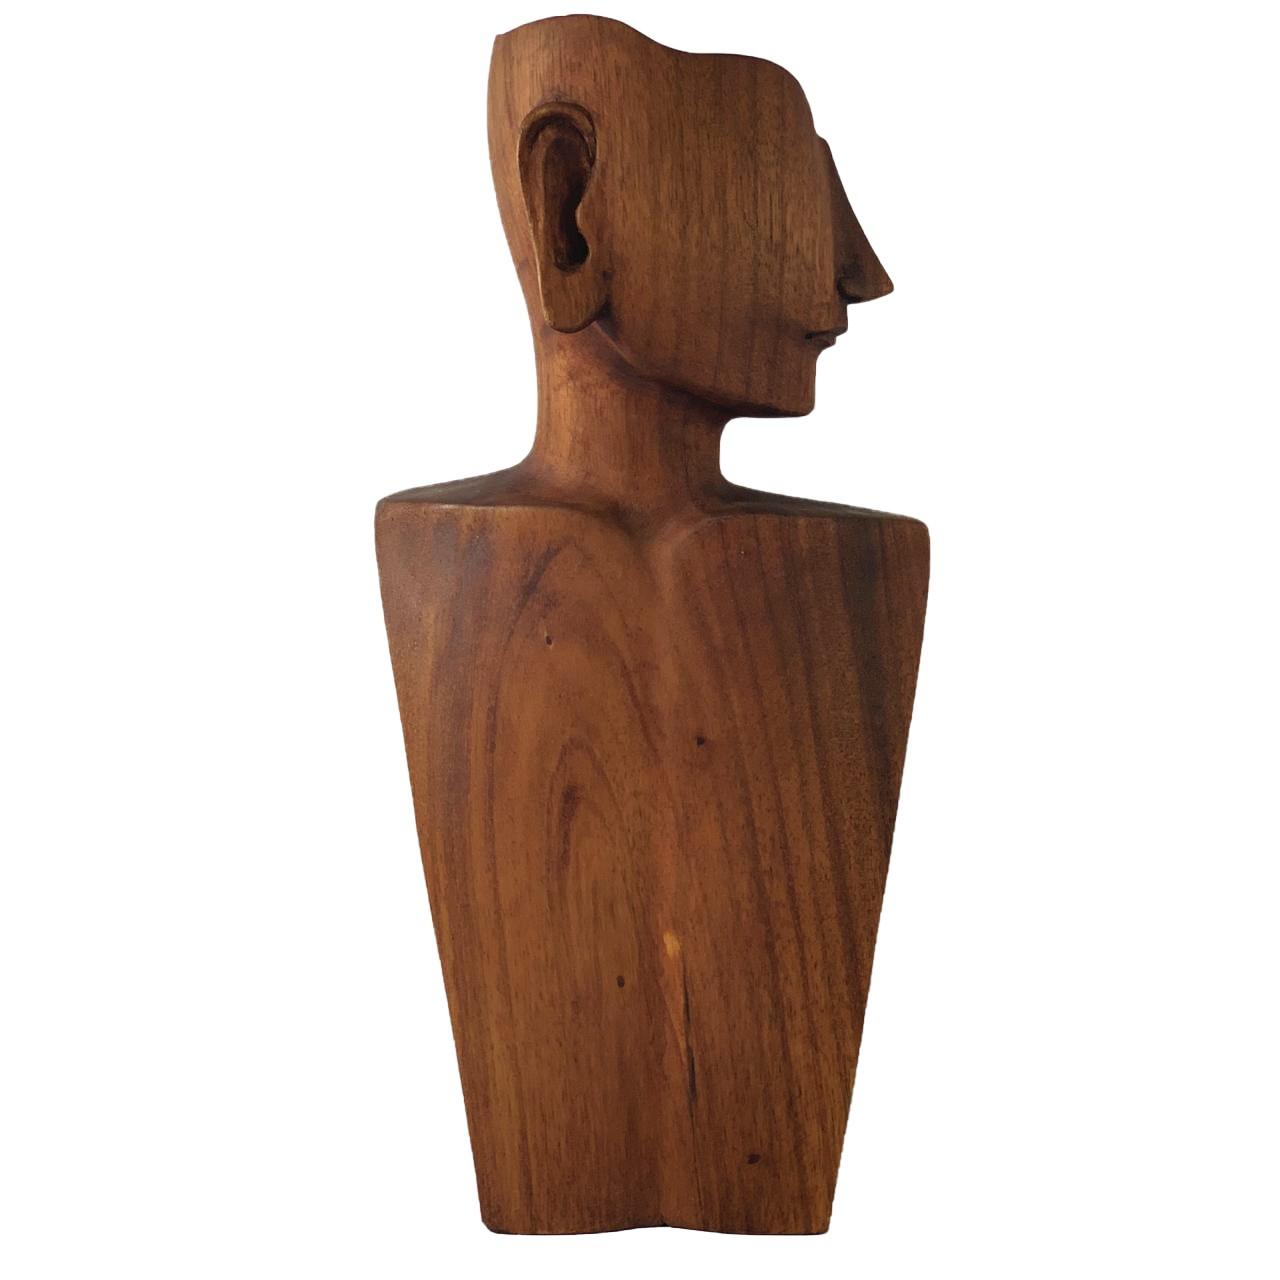 Busto Porta Colar em Madeira com Rosto (39cm)